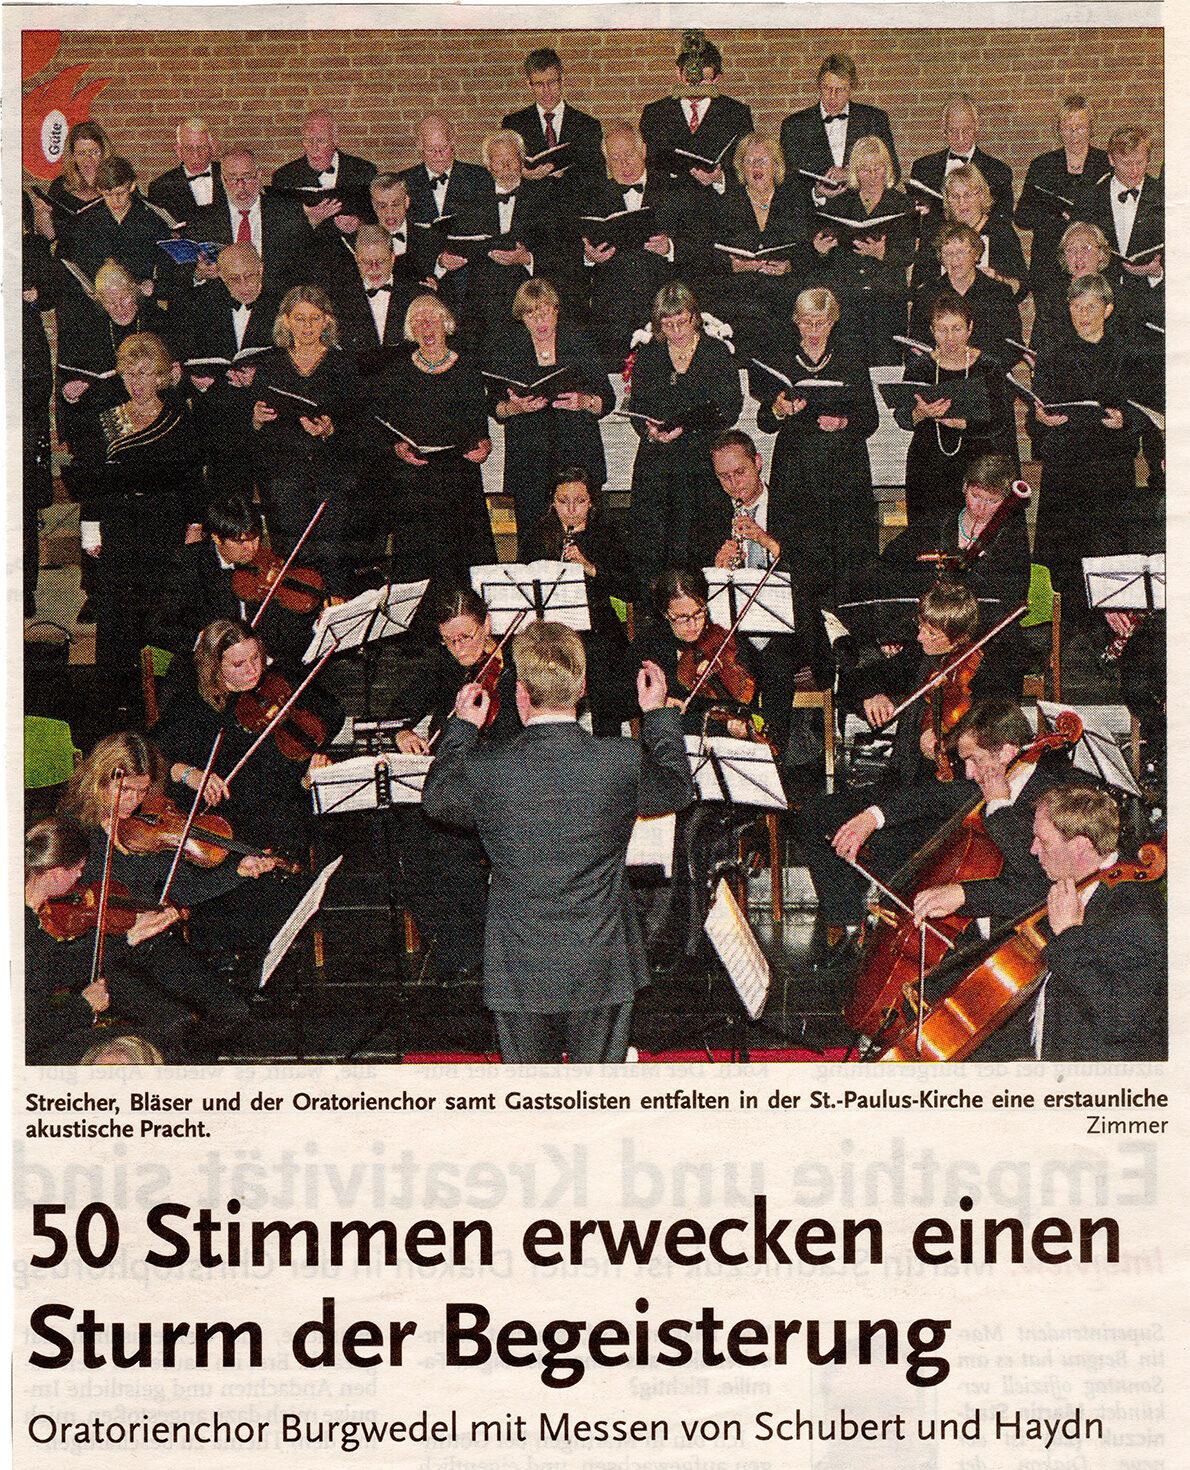 10-2012 HAZ Konzert Schubert und Haydn St. Pauluskirche